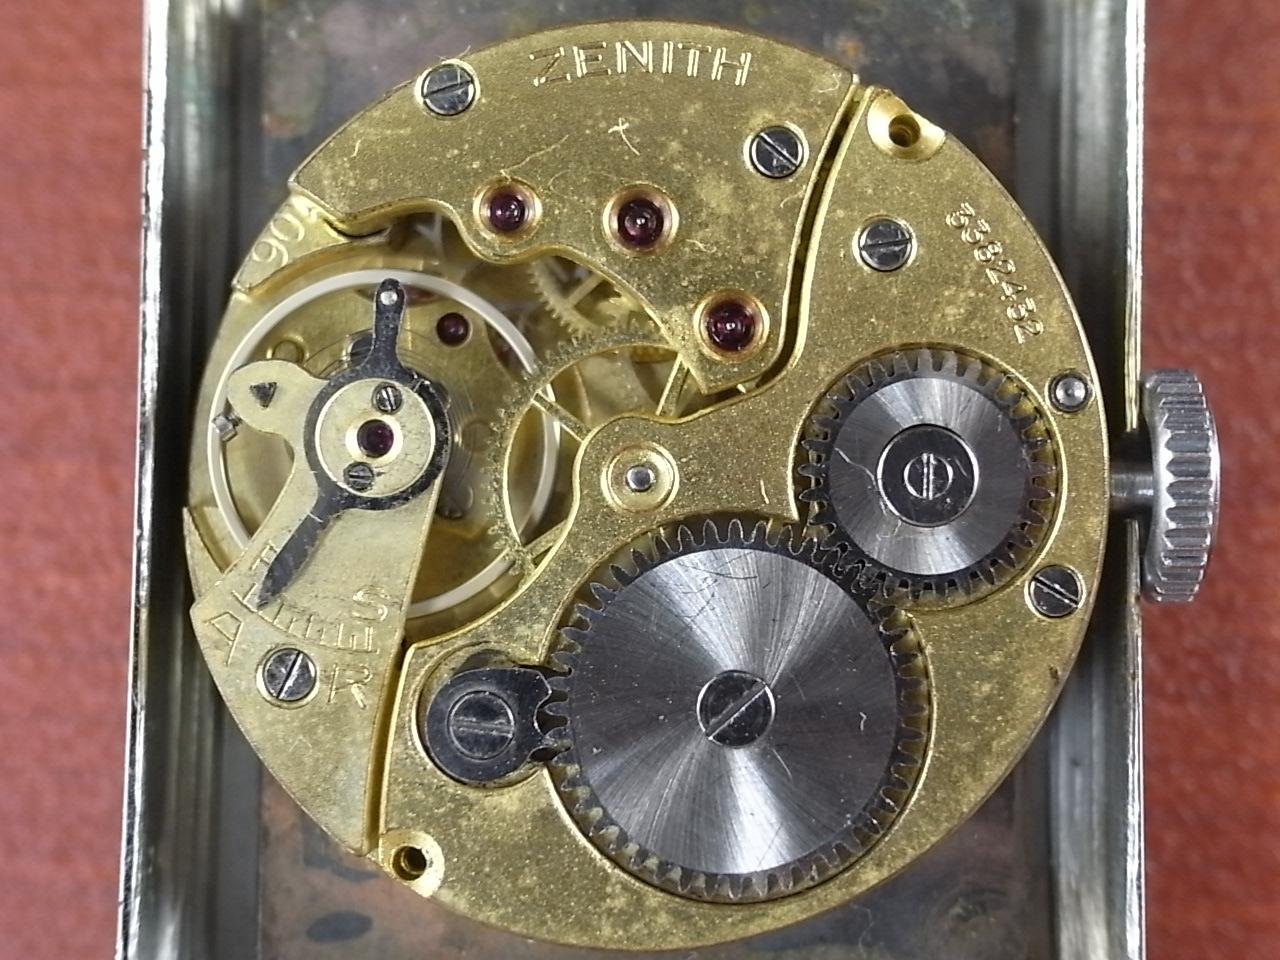 ゼニス アールデコ レクタンギュラー 2トーンダイアル 1930年代の写真5枚目